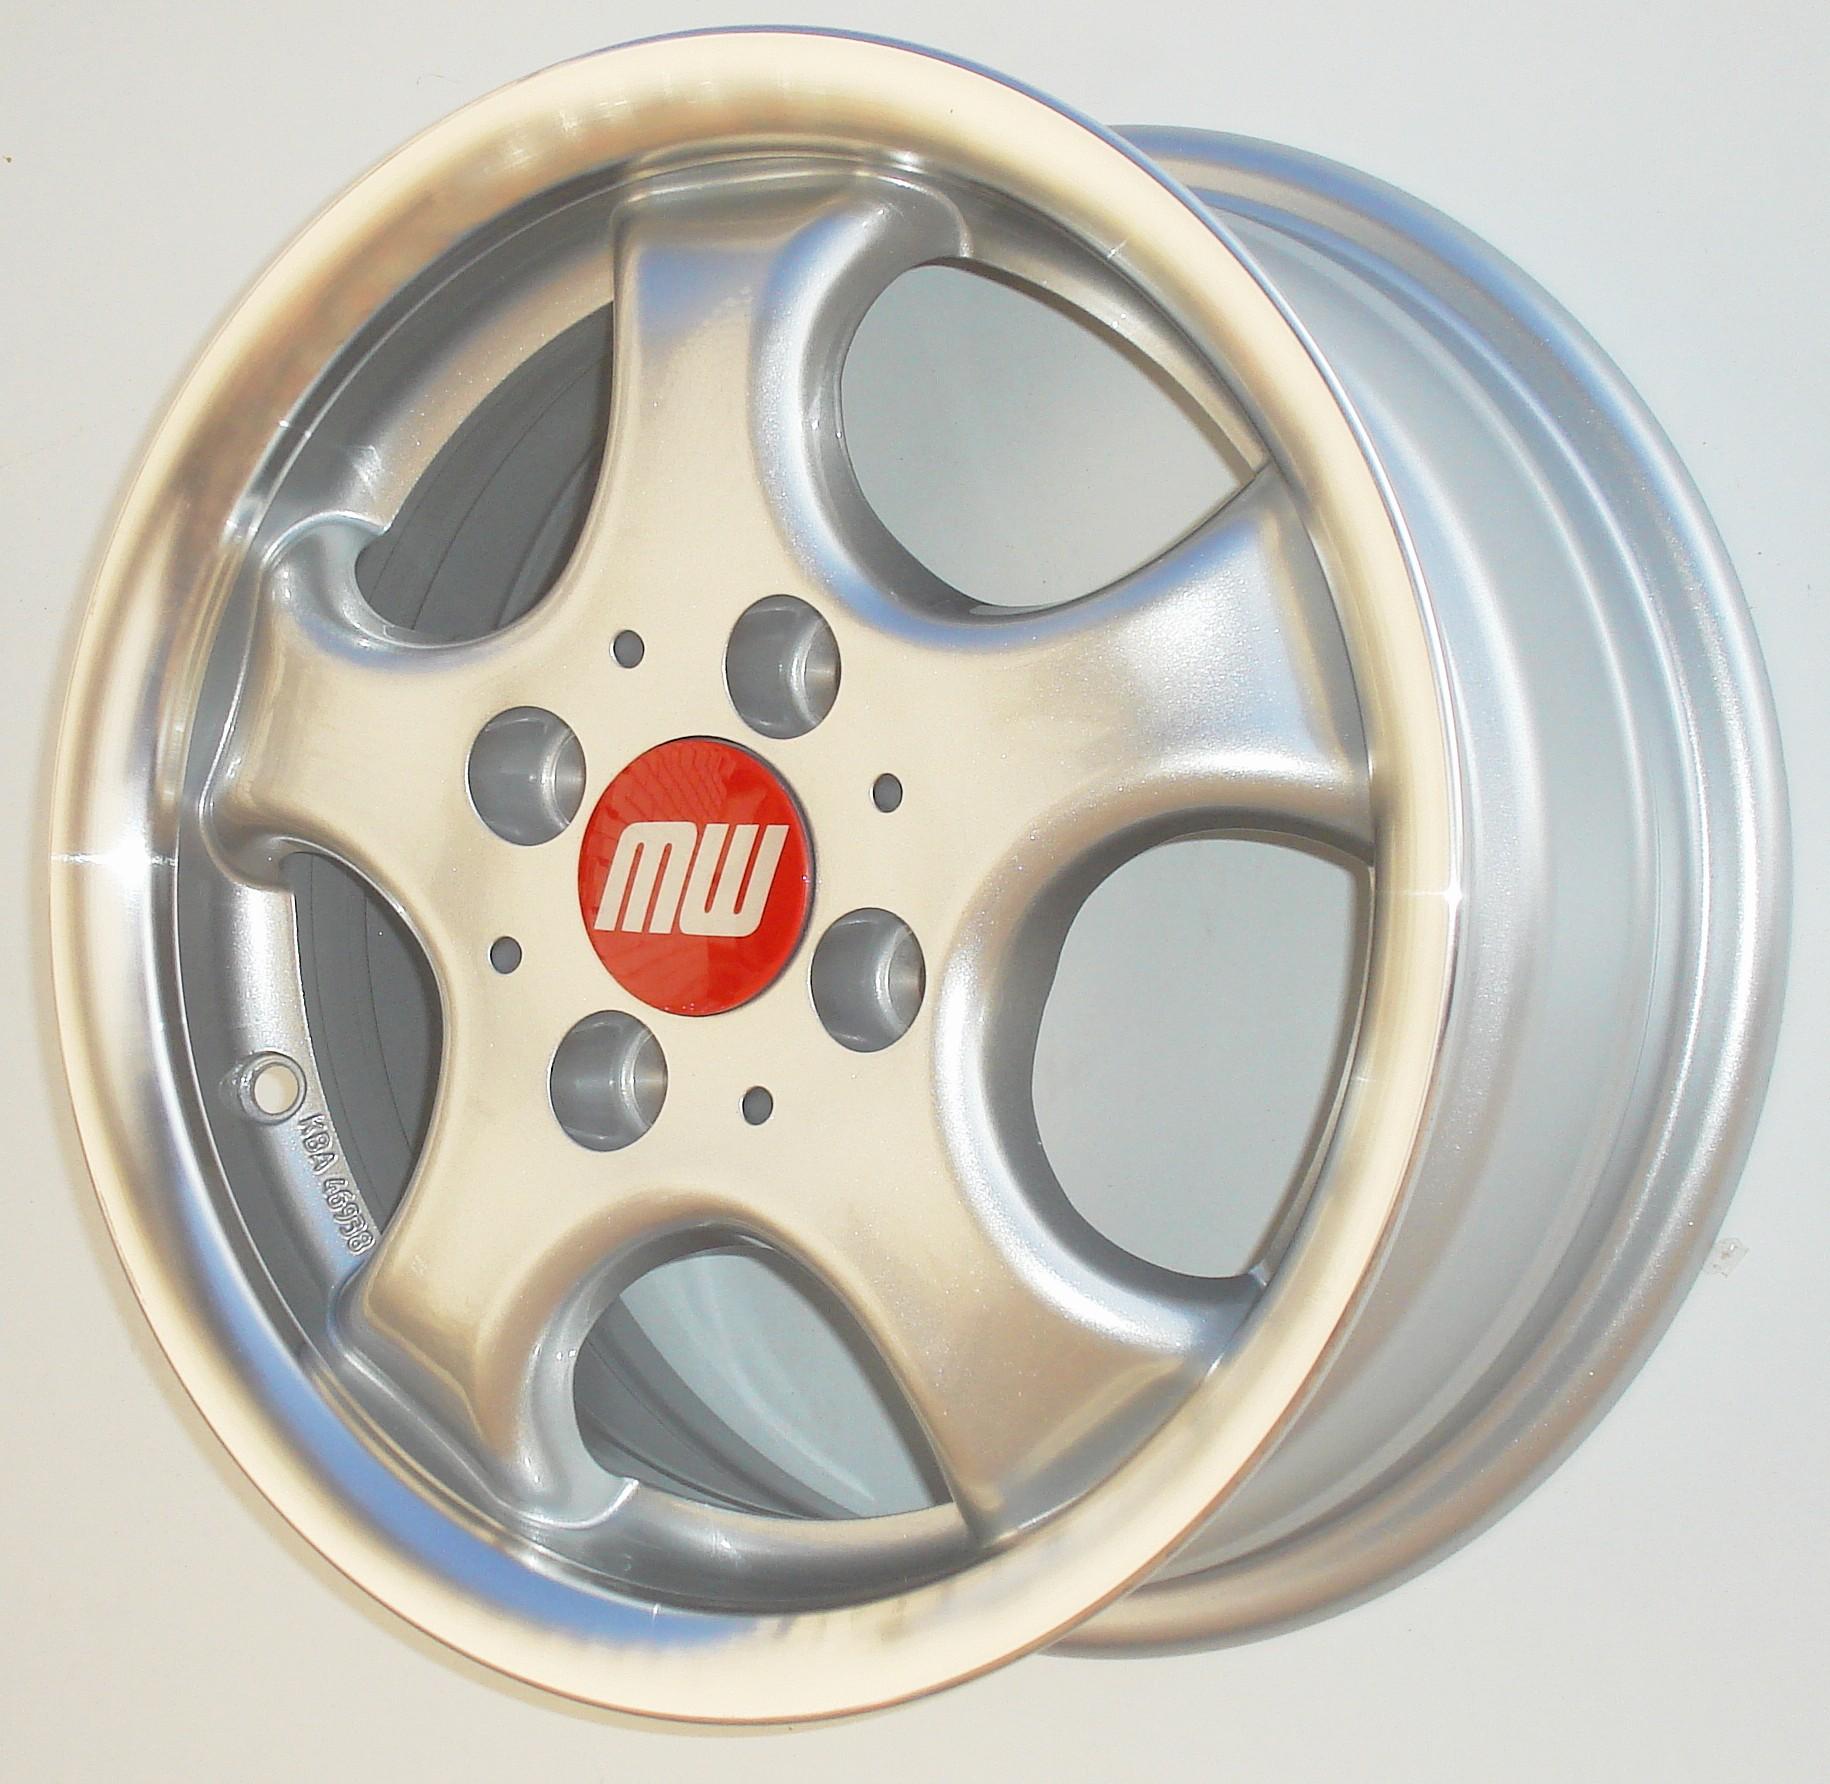 CUP-Rad 6X14 4/100 ET37 -silber metallic  -  zulässige Reifengrössen: 175/65R14, 185/60R14 mit ABE/Teilegutachten